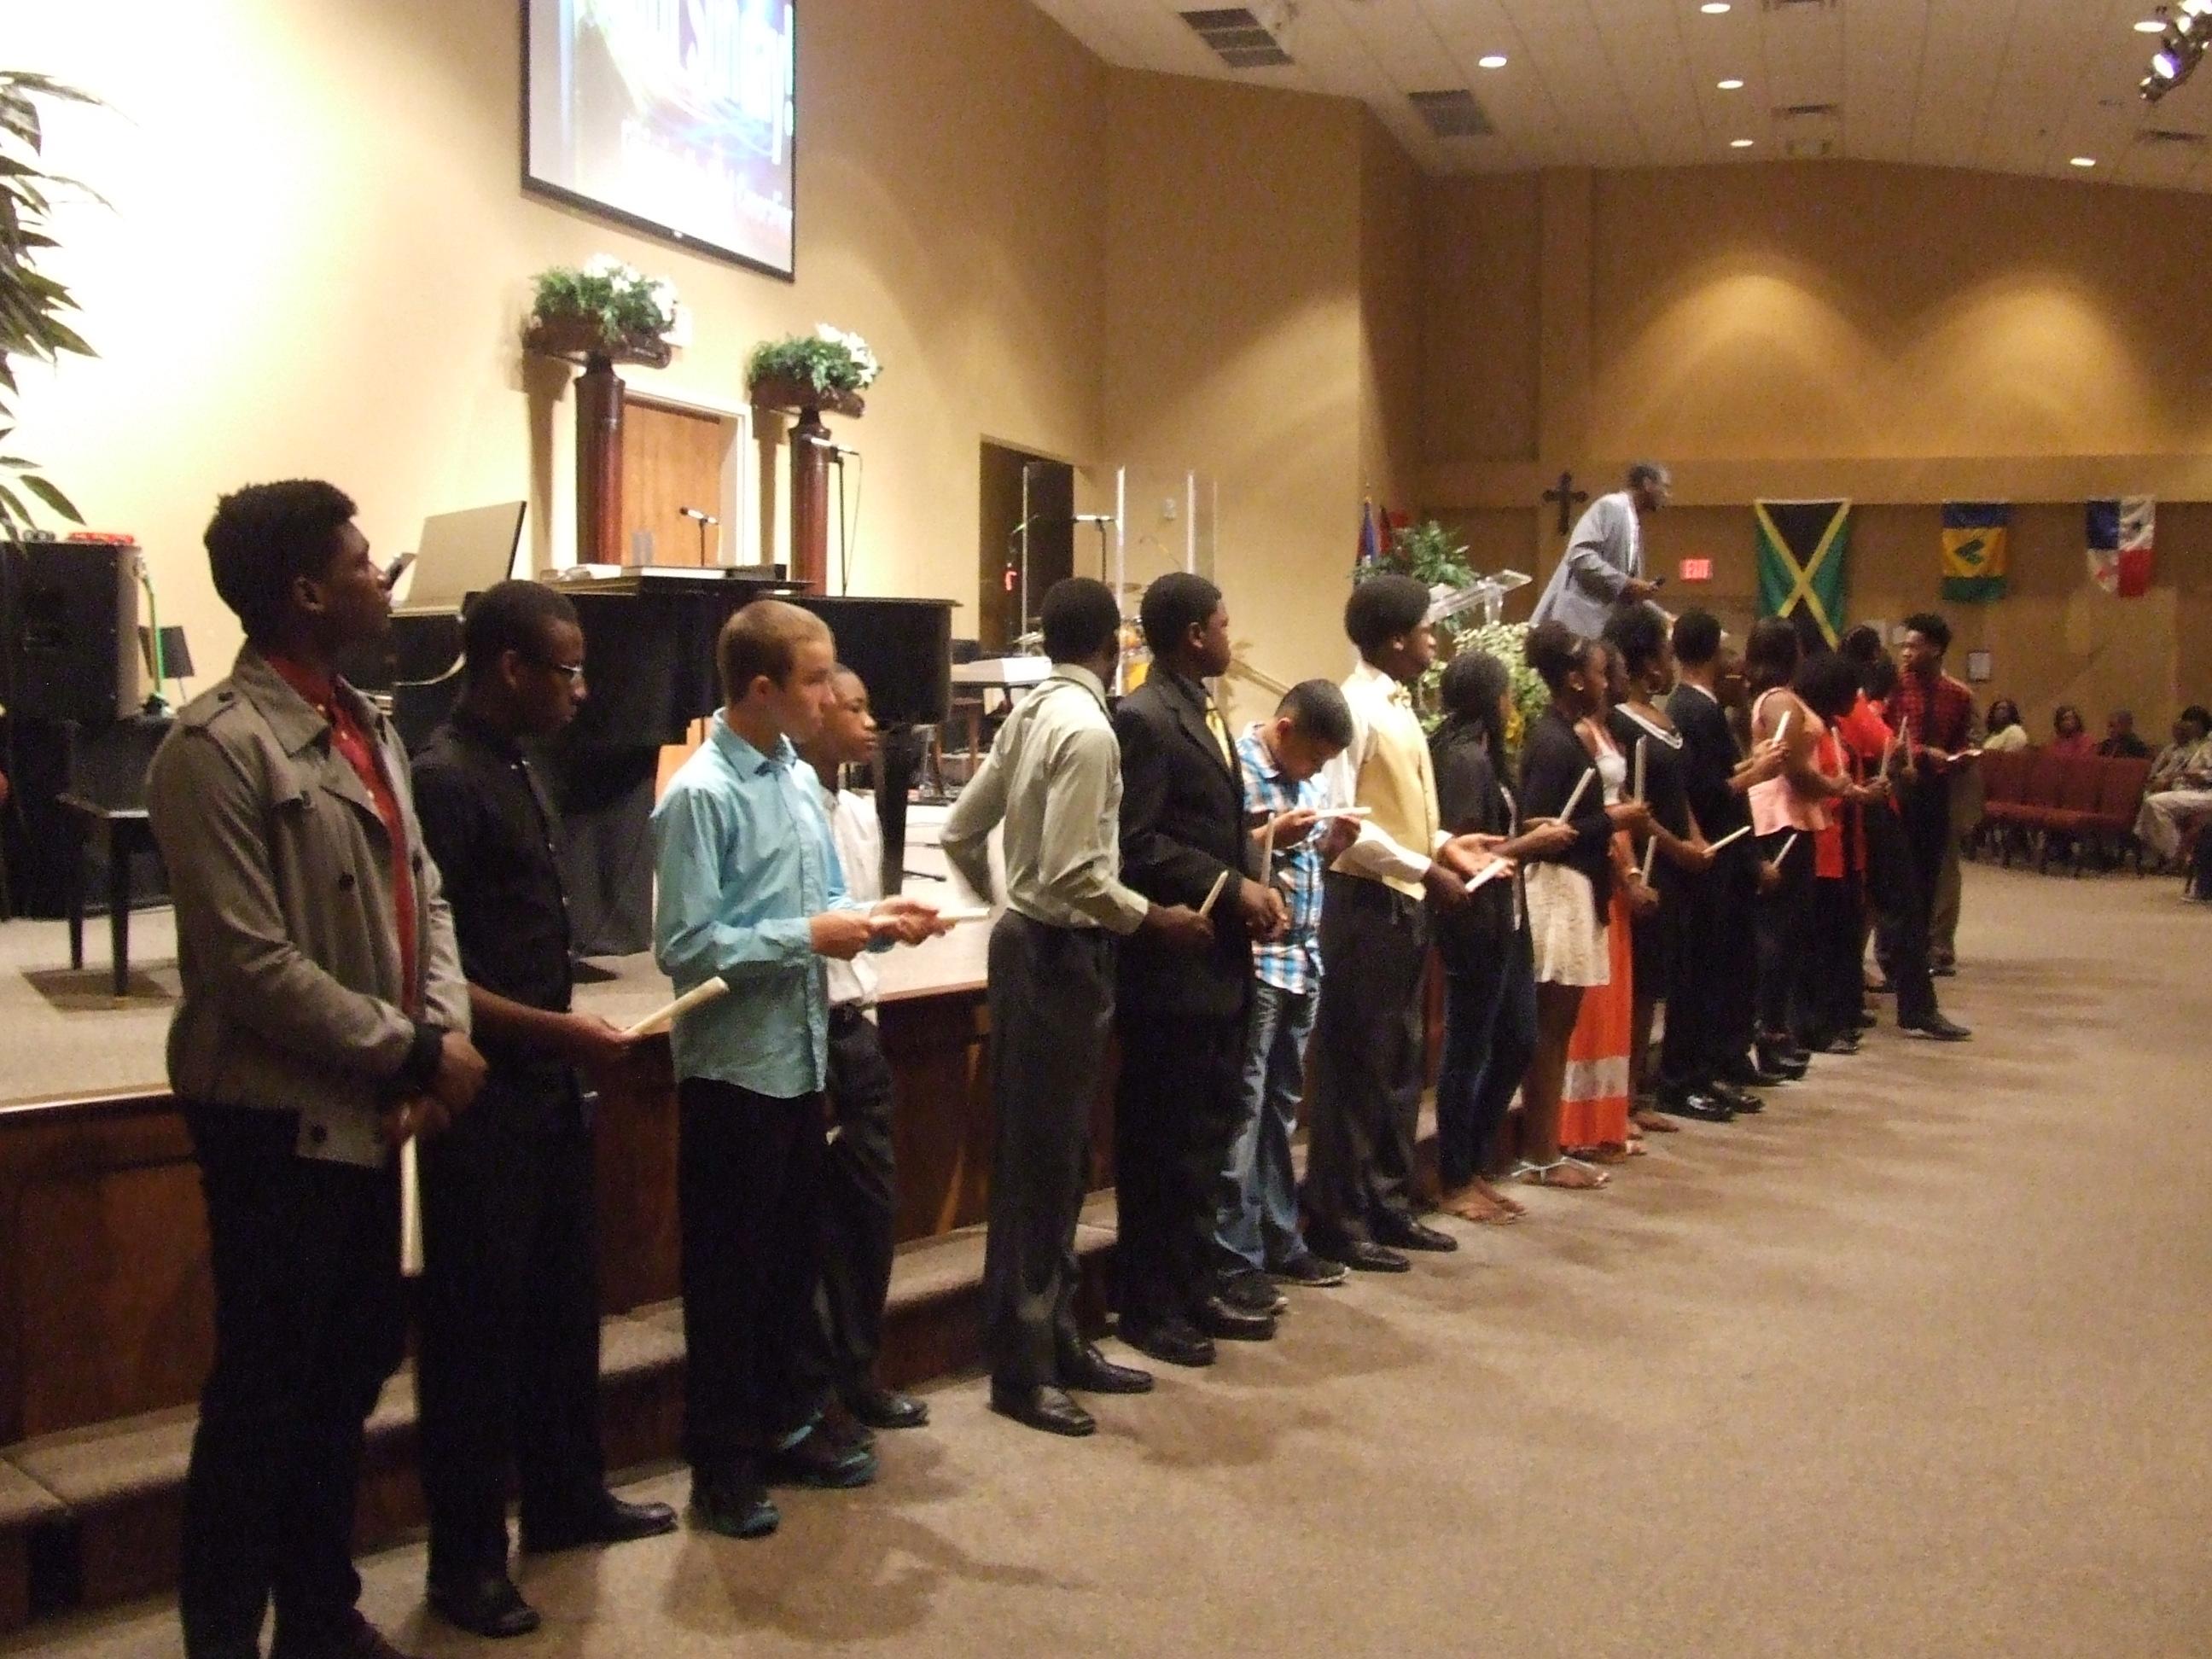 Teens receiving awards